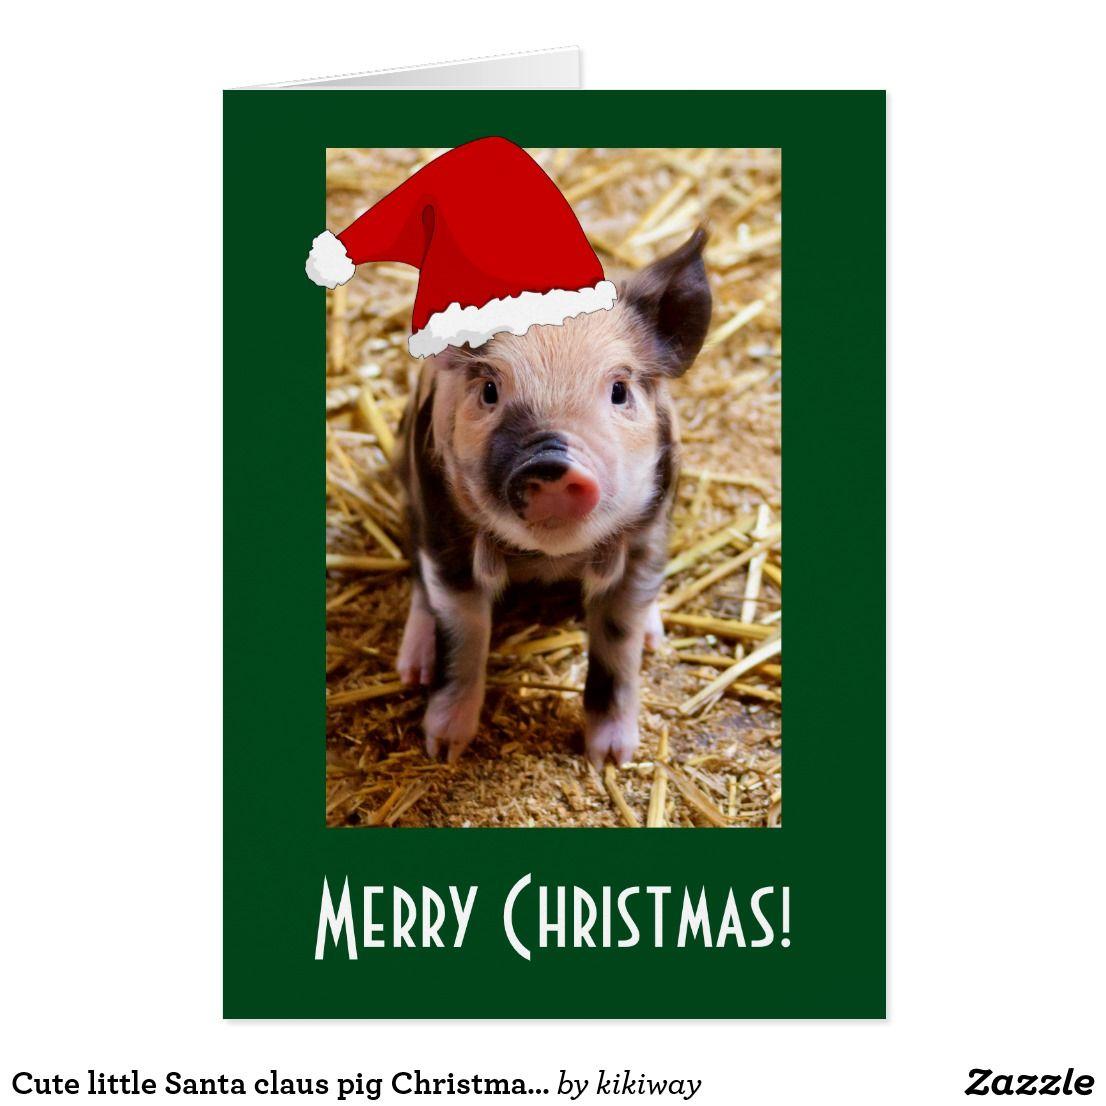 Cute little Santa claus pig Christmas fun photo Holiday Card ...